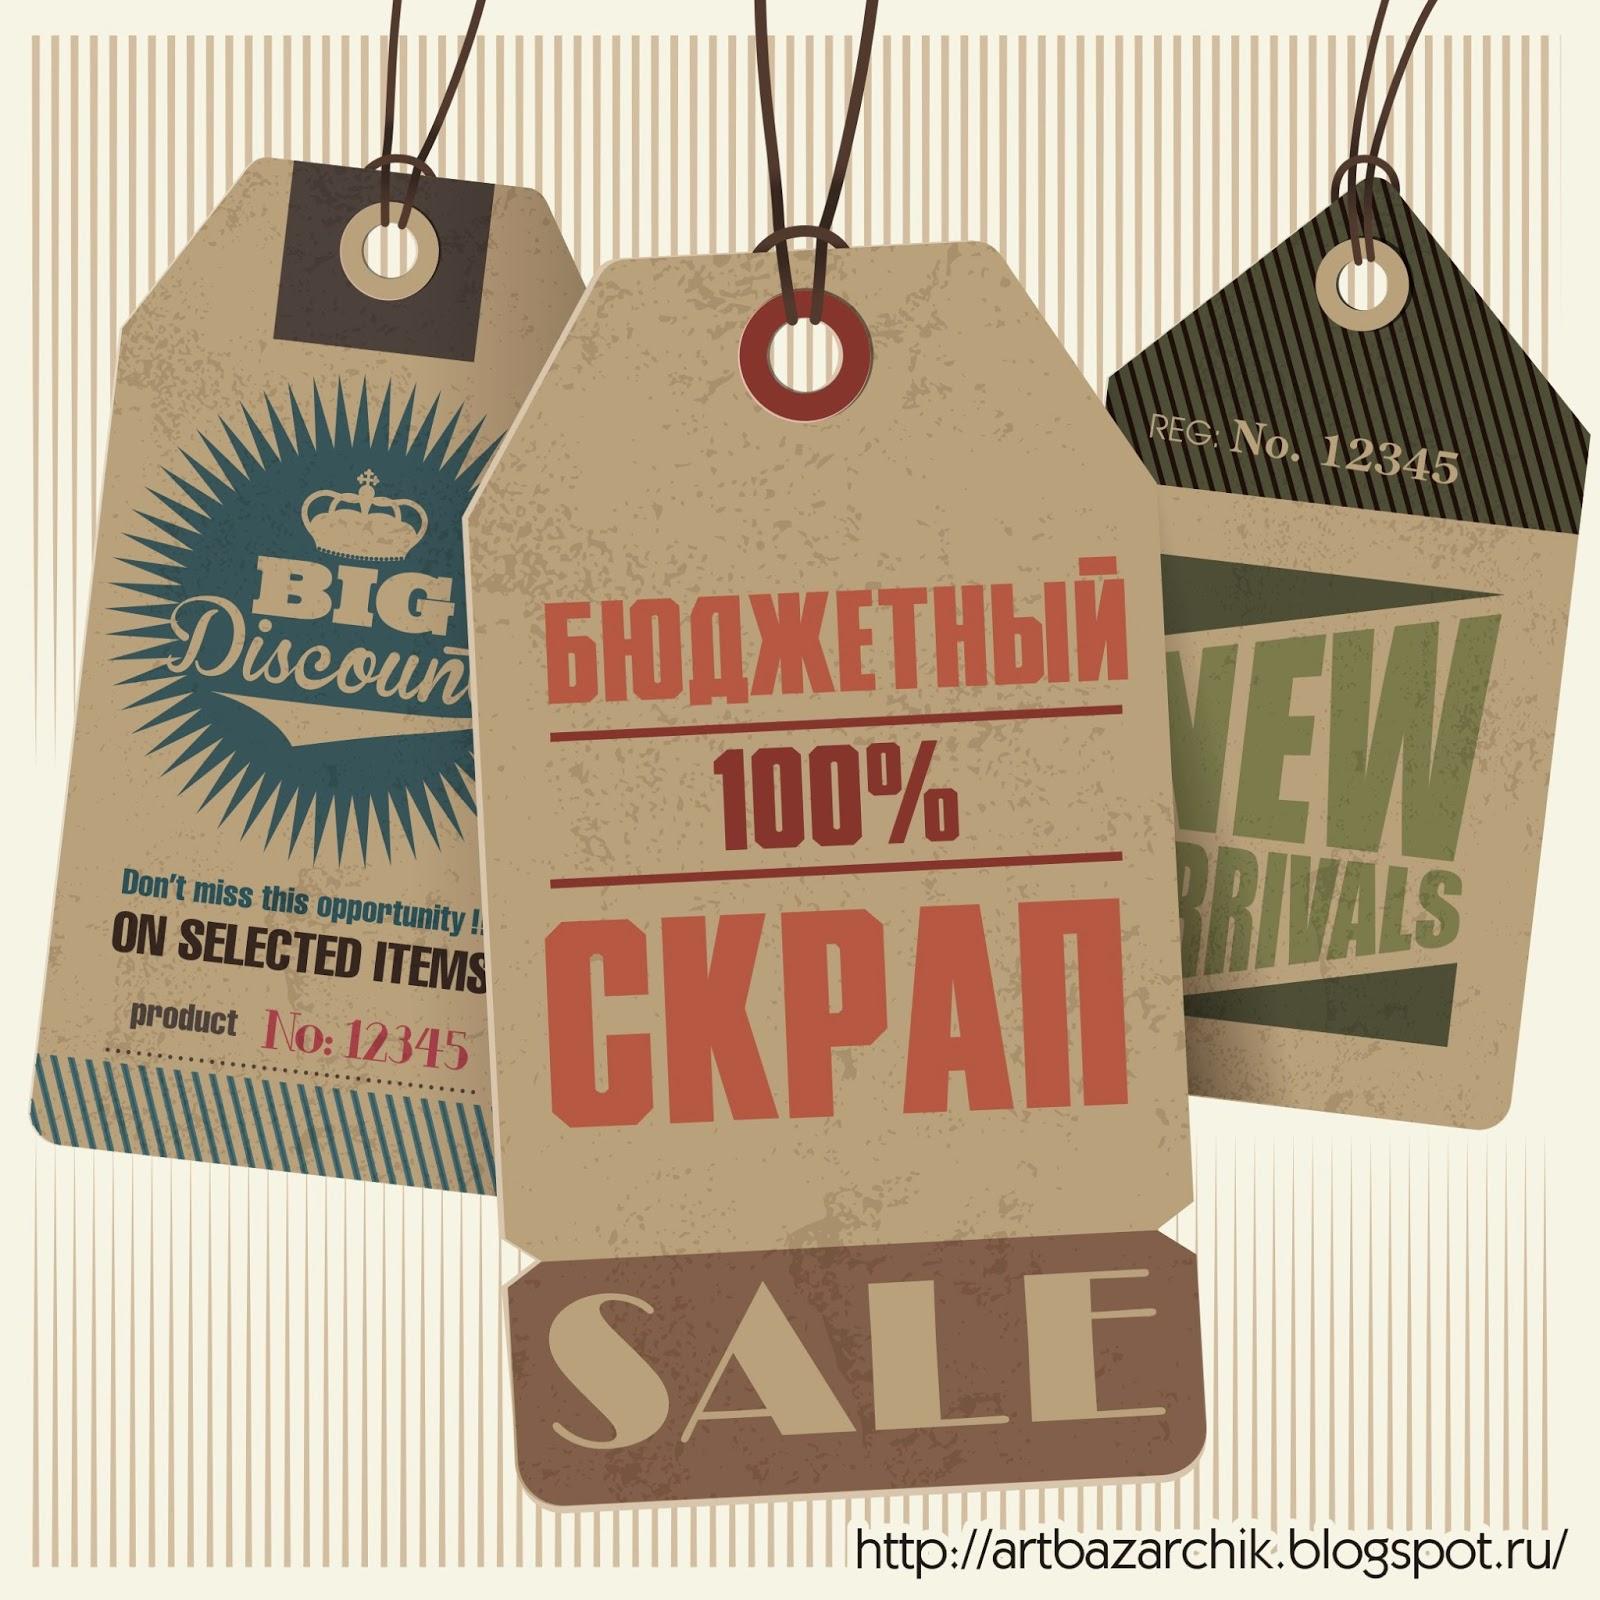 http://artbazarchik.blogspot.com/search/label/%D0%B1%D1%8E%D0%B4%D0%B6%D0%B5%D1%82%D0%BD%D1%8B%D0%B9%20%D1%81%D0%BA%D1%80%D0%B0%D0%BF